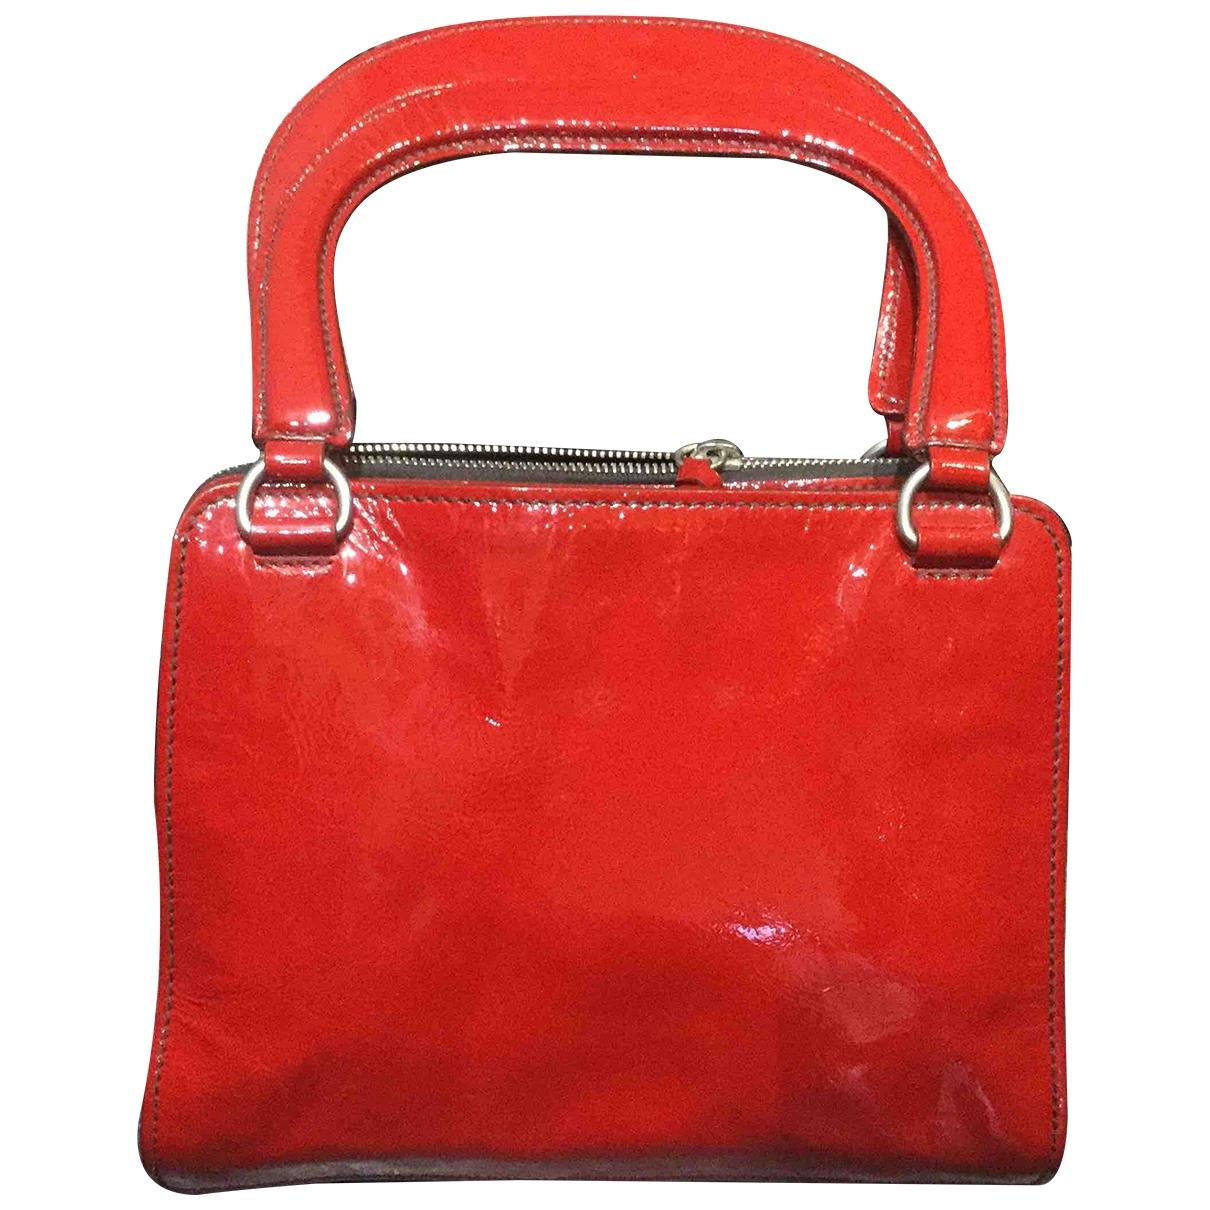 Miu Miu \N Red Patent leather handbag for Women \N